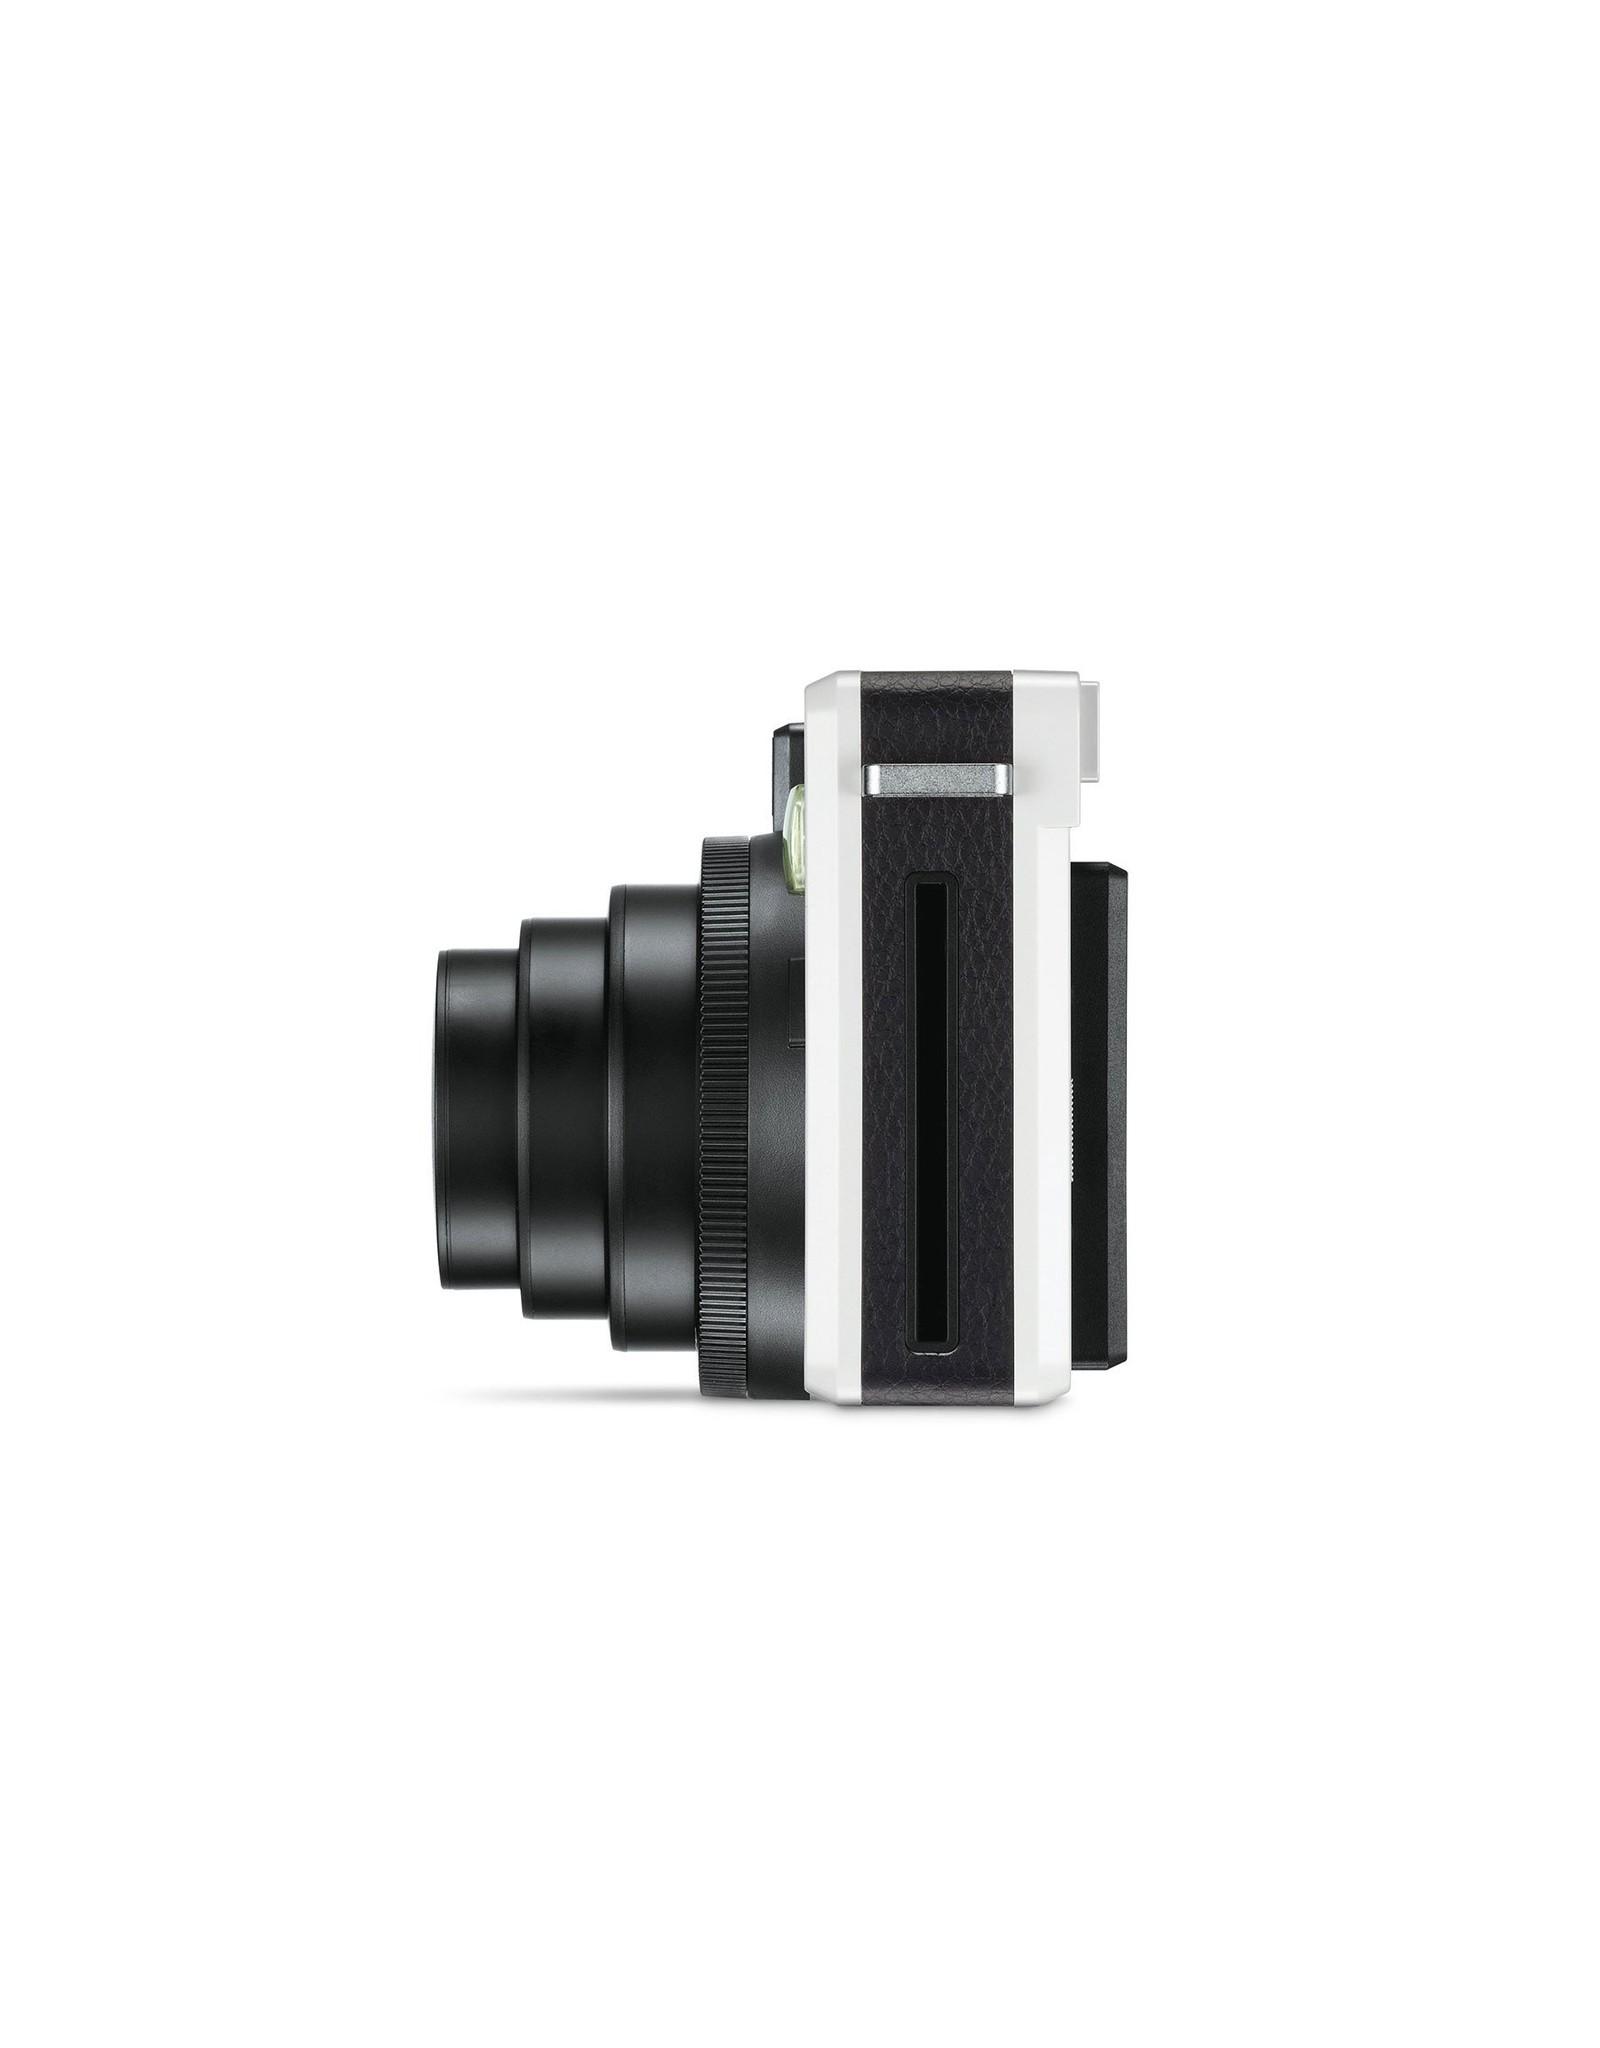 Leica Leica SOFORT Camera White   191-00